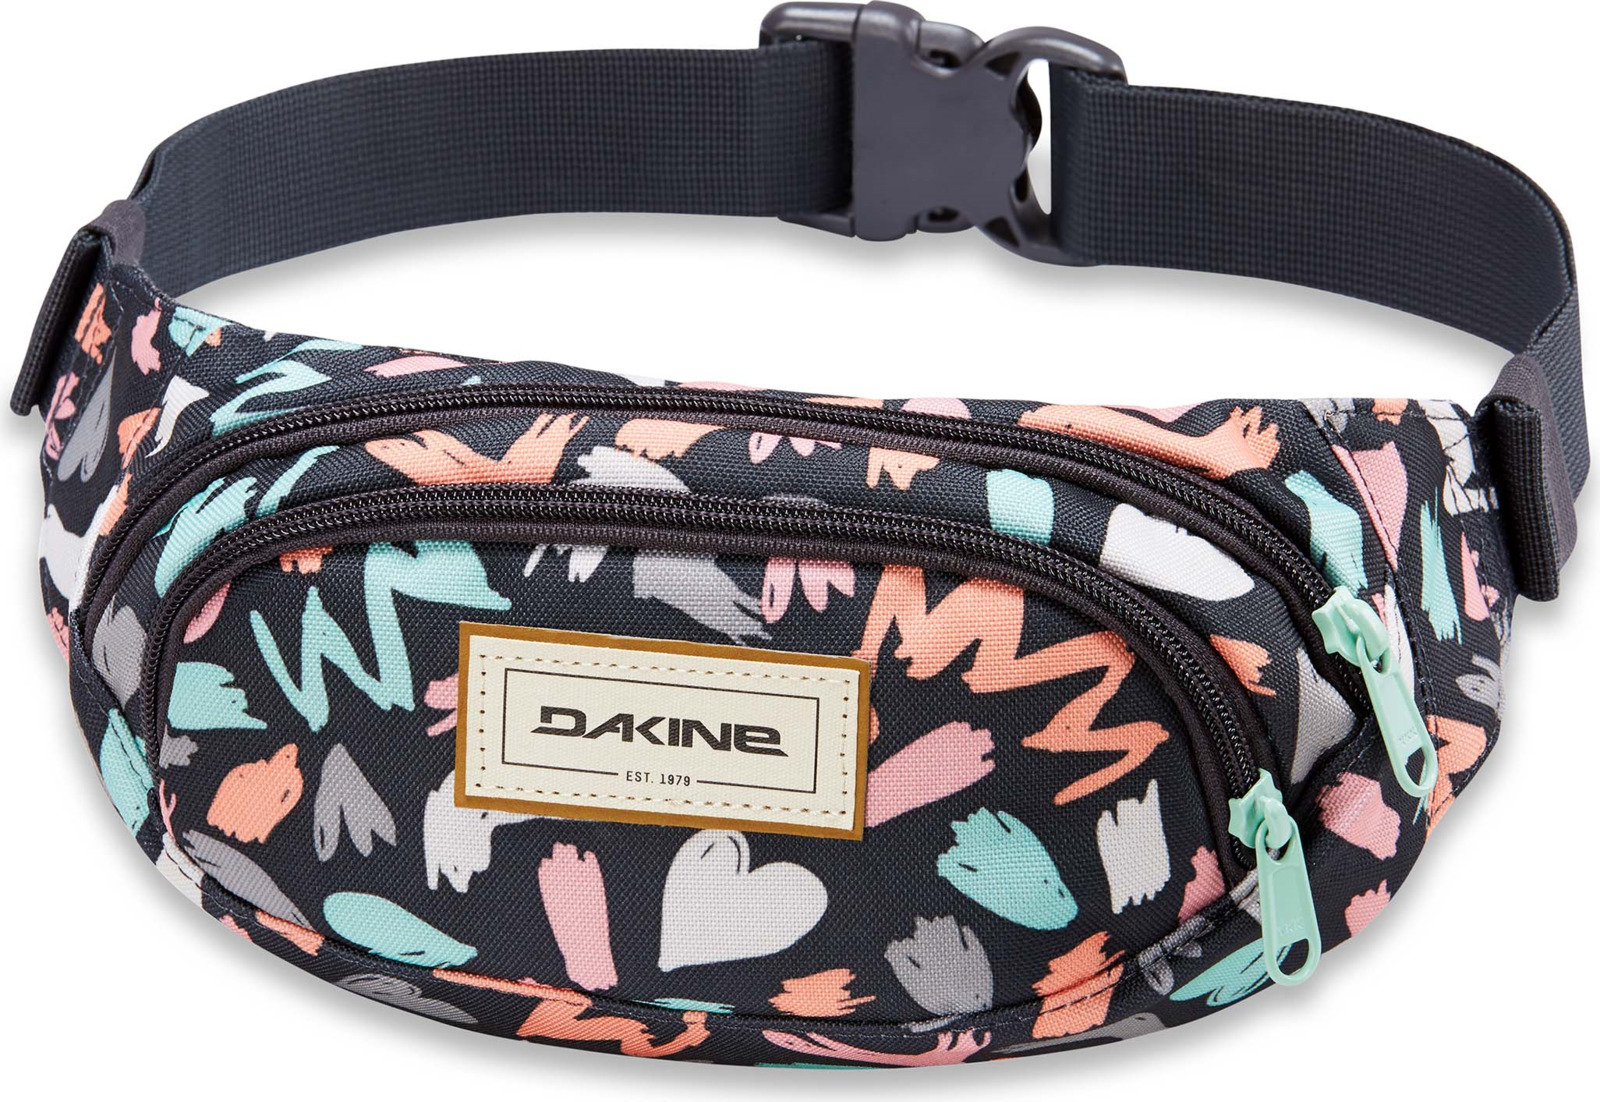 Сумка на пояс Dakine Hip Pack, цвет: черный, разноцветный, 23 х 13 х 8 см